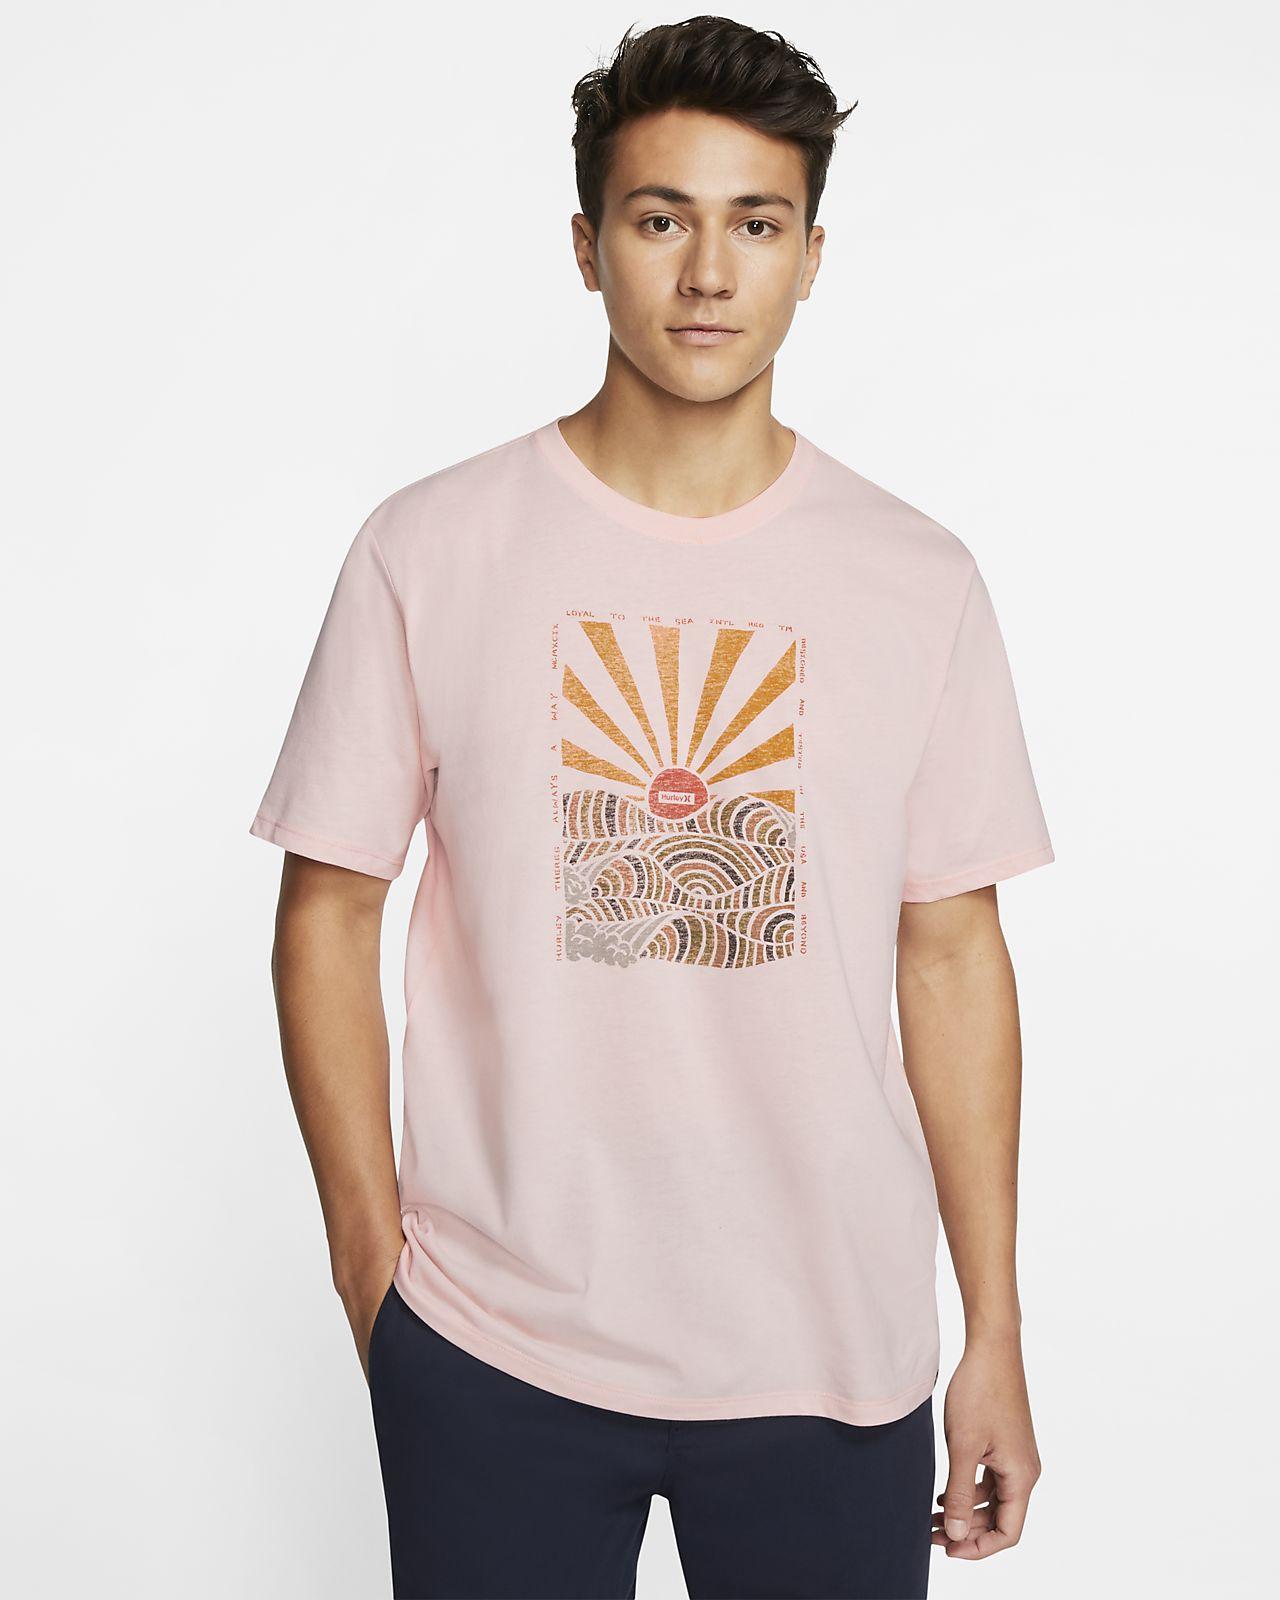 Pánské tričko Hurley Dri-FIT Interval s prémiovým střihem